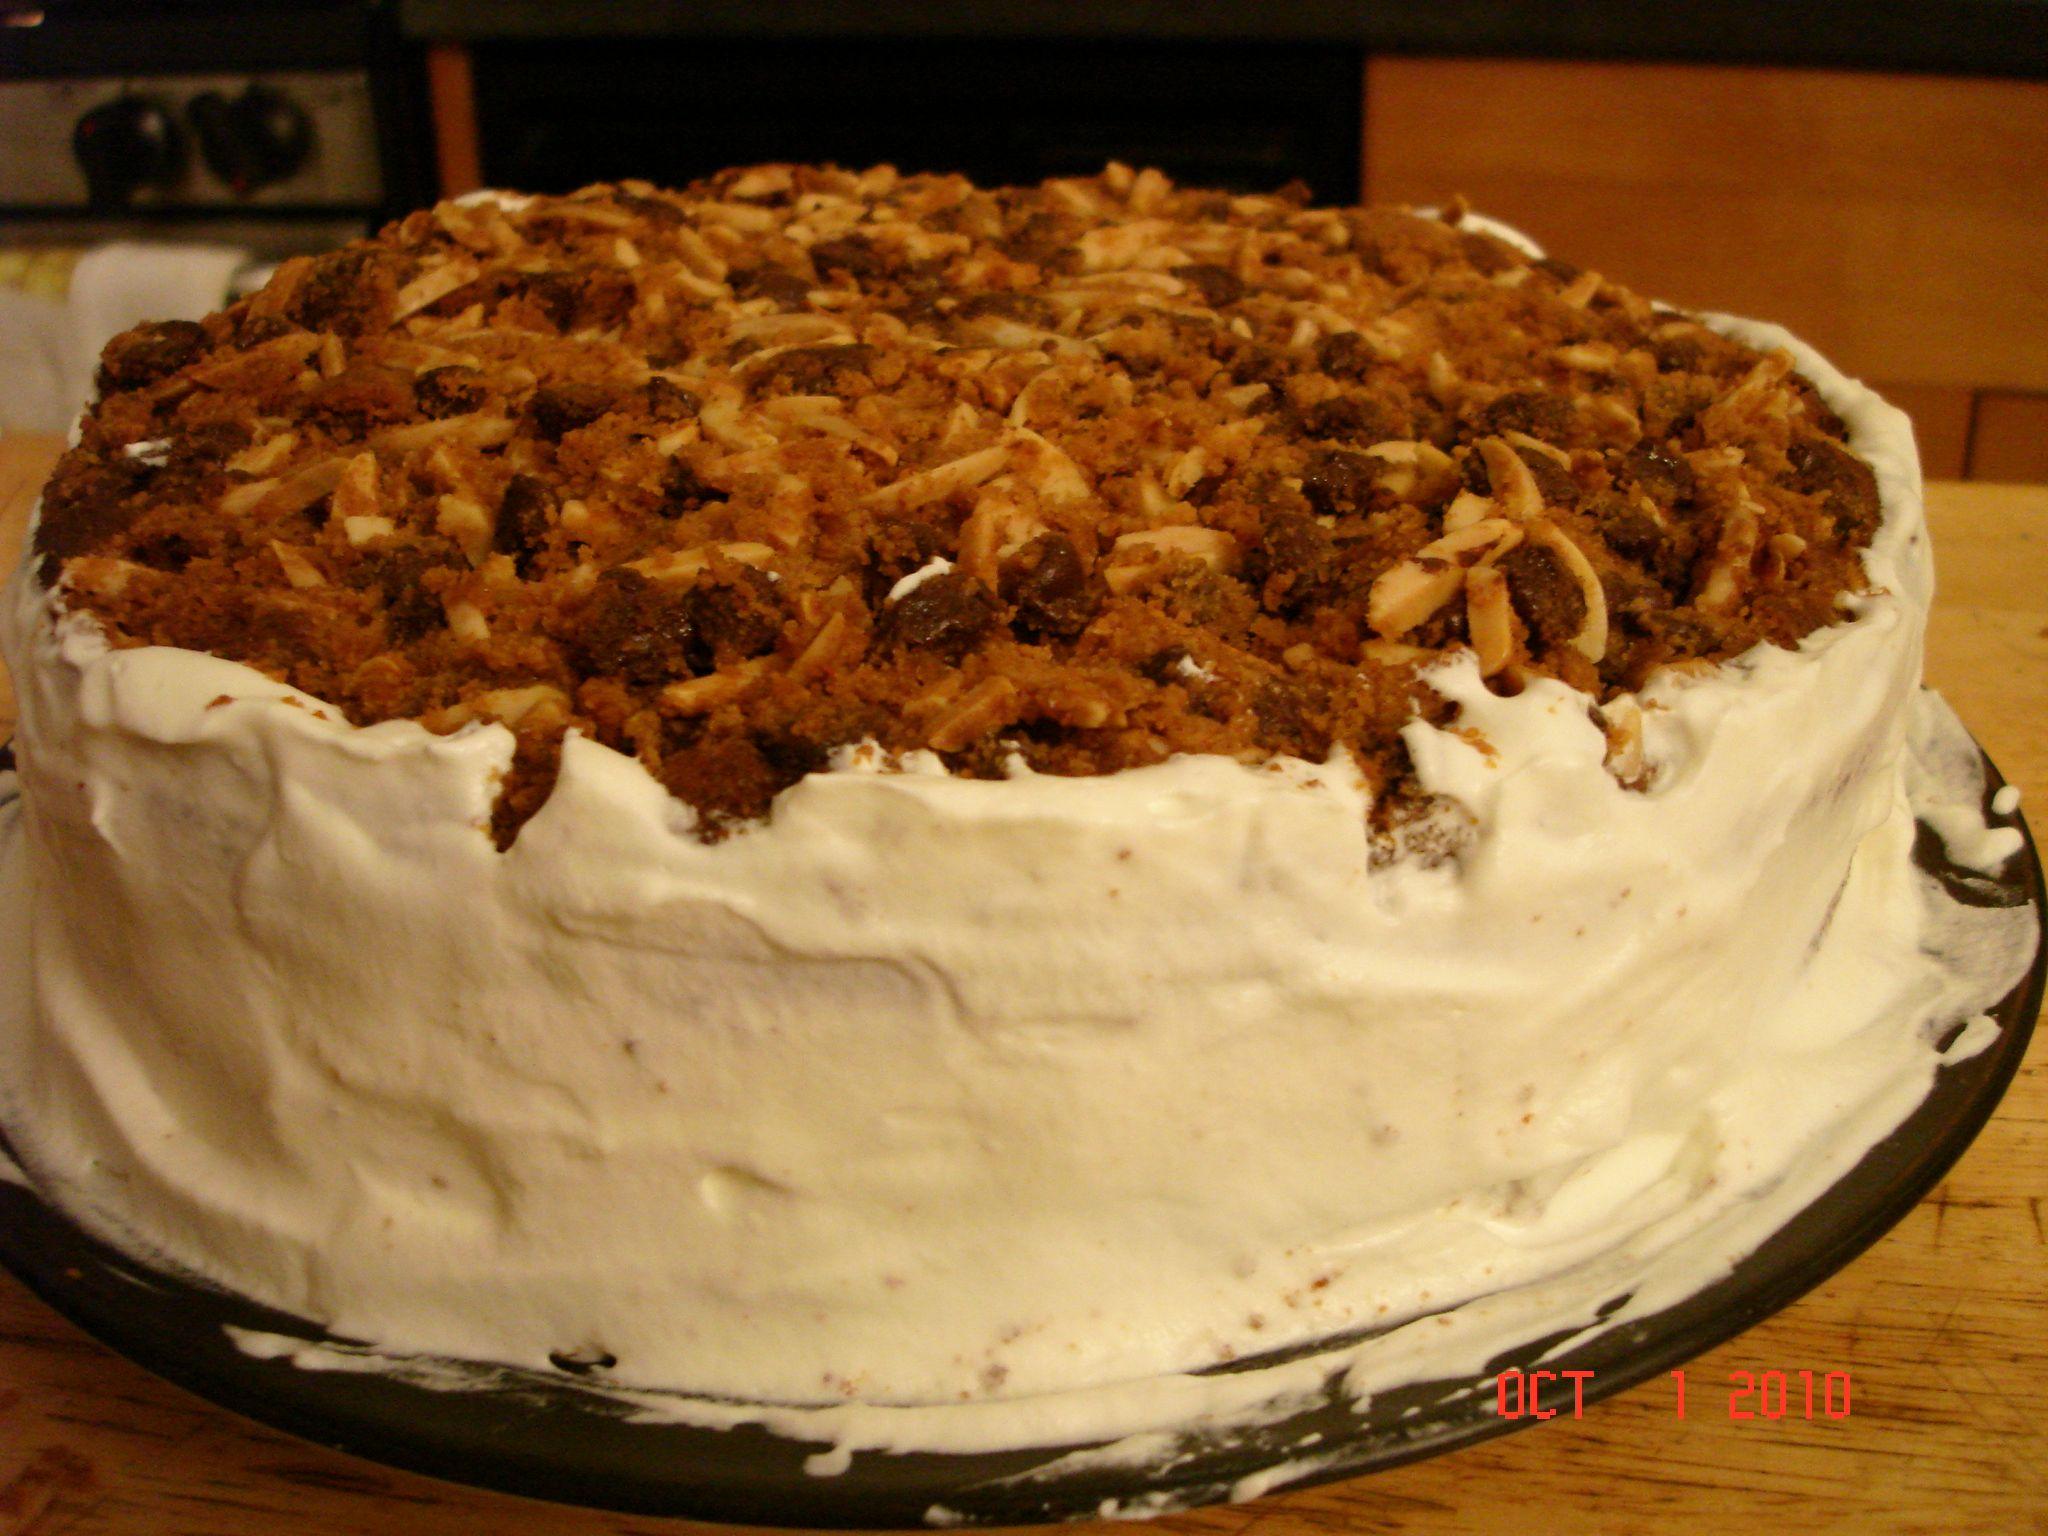 birthday cakes miami beach